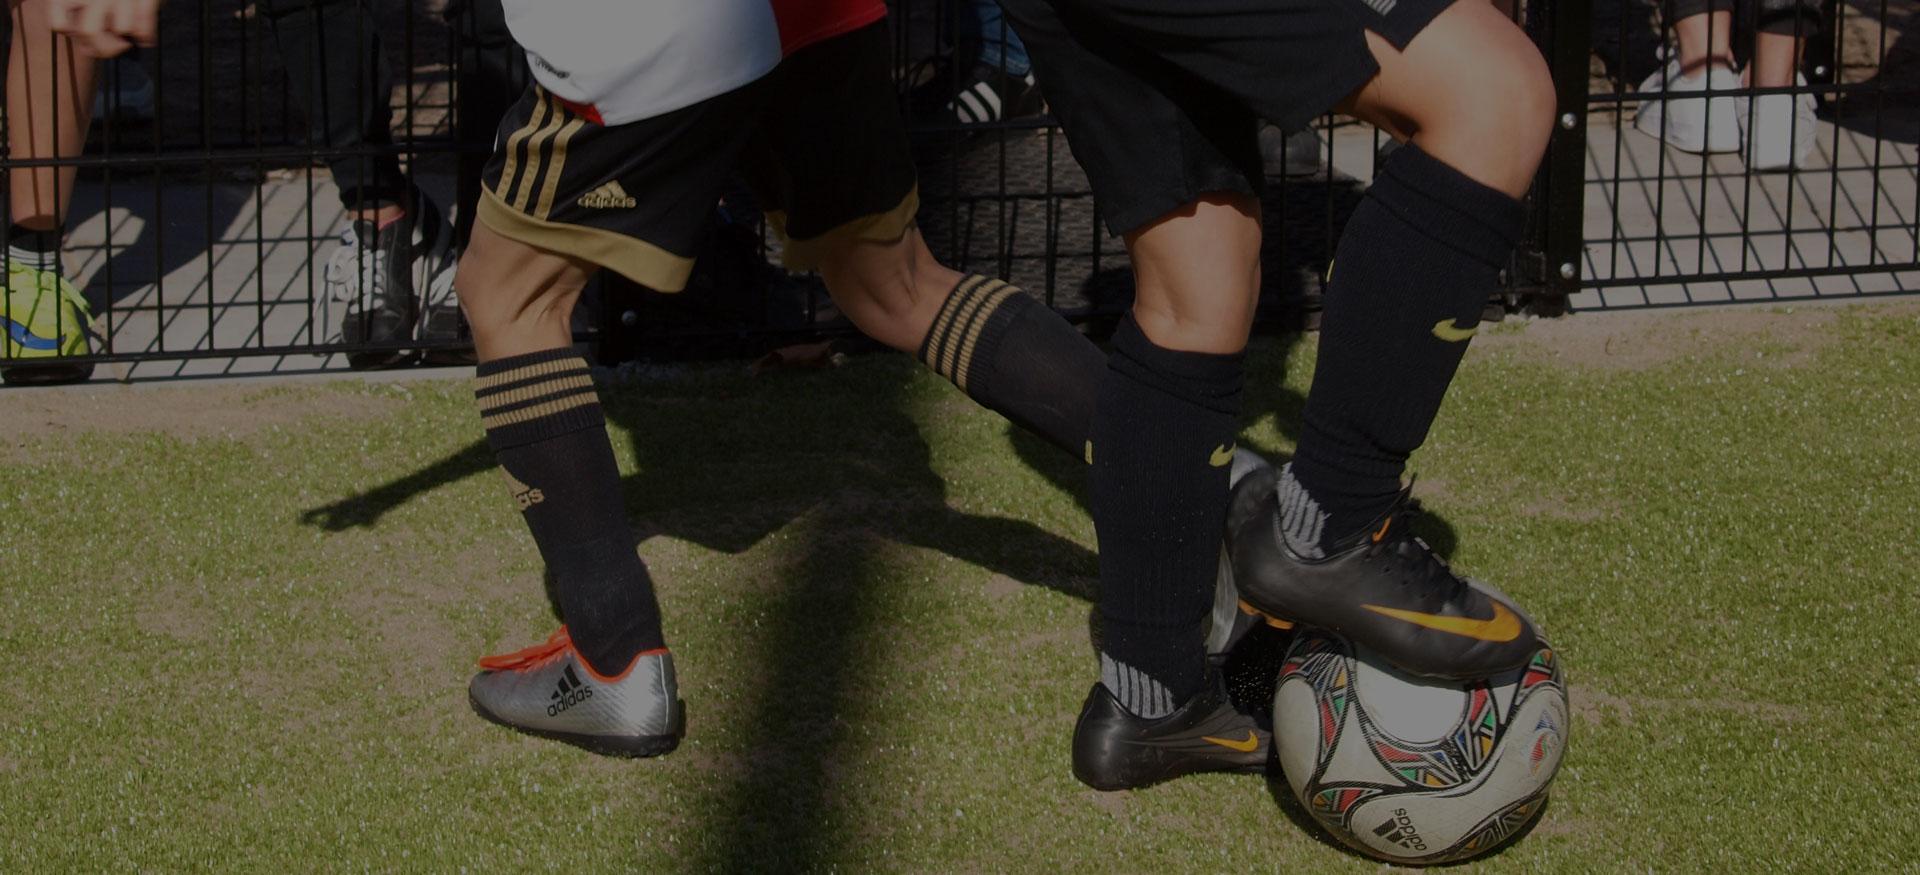 pannakooi voetballen